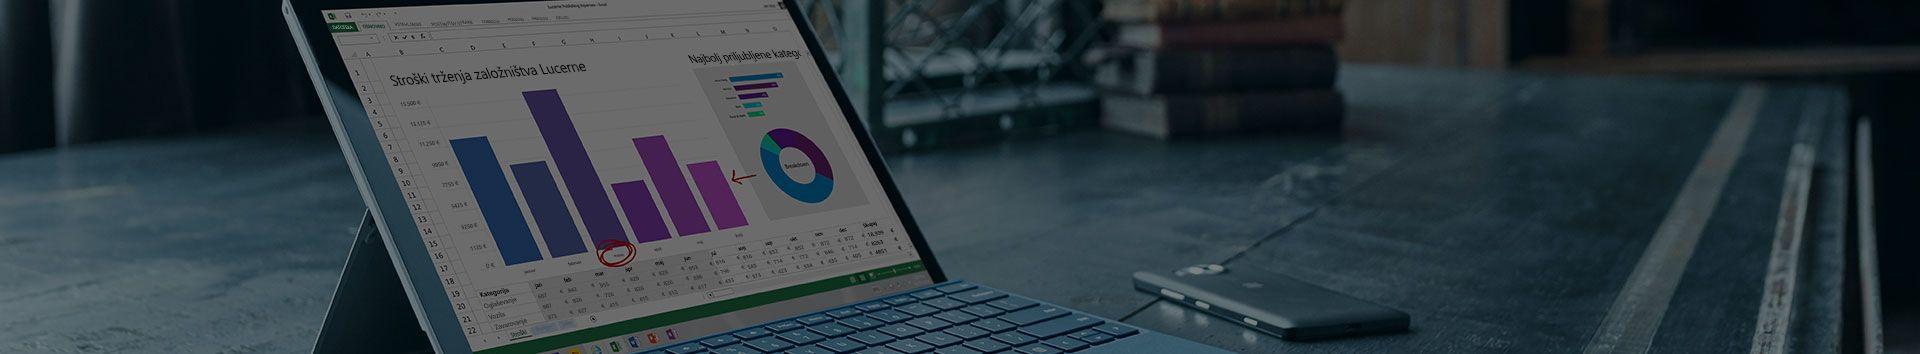 V tabličnem računalniku Microsoft Surface je v programu Microsoft Excel prikazano poročilo o izdatkih